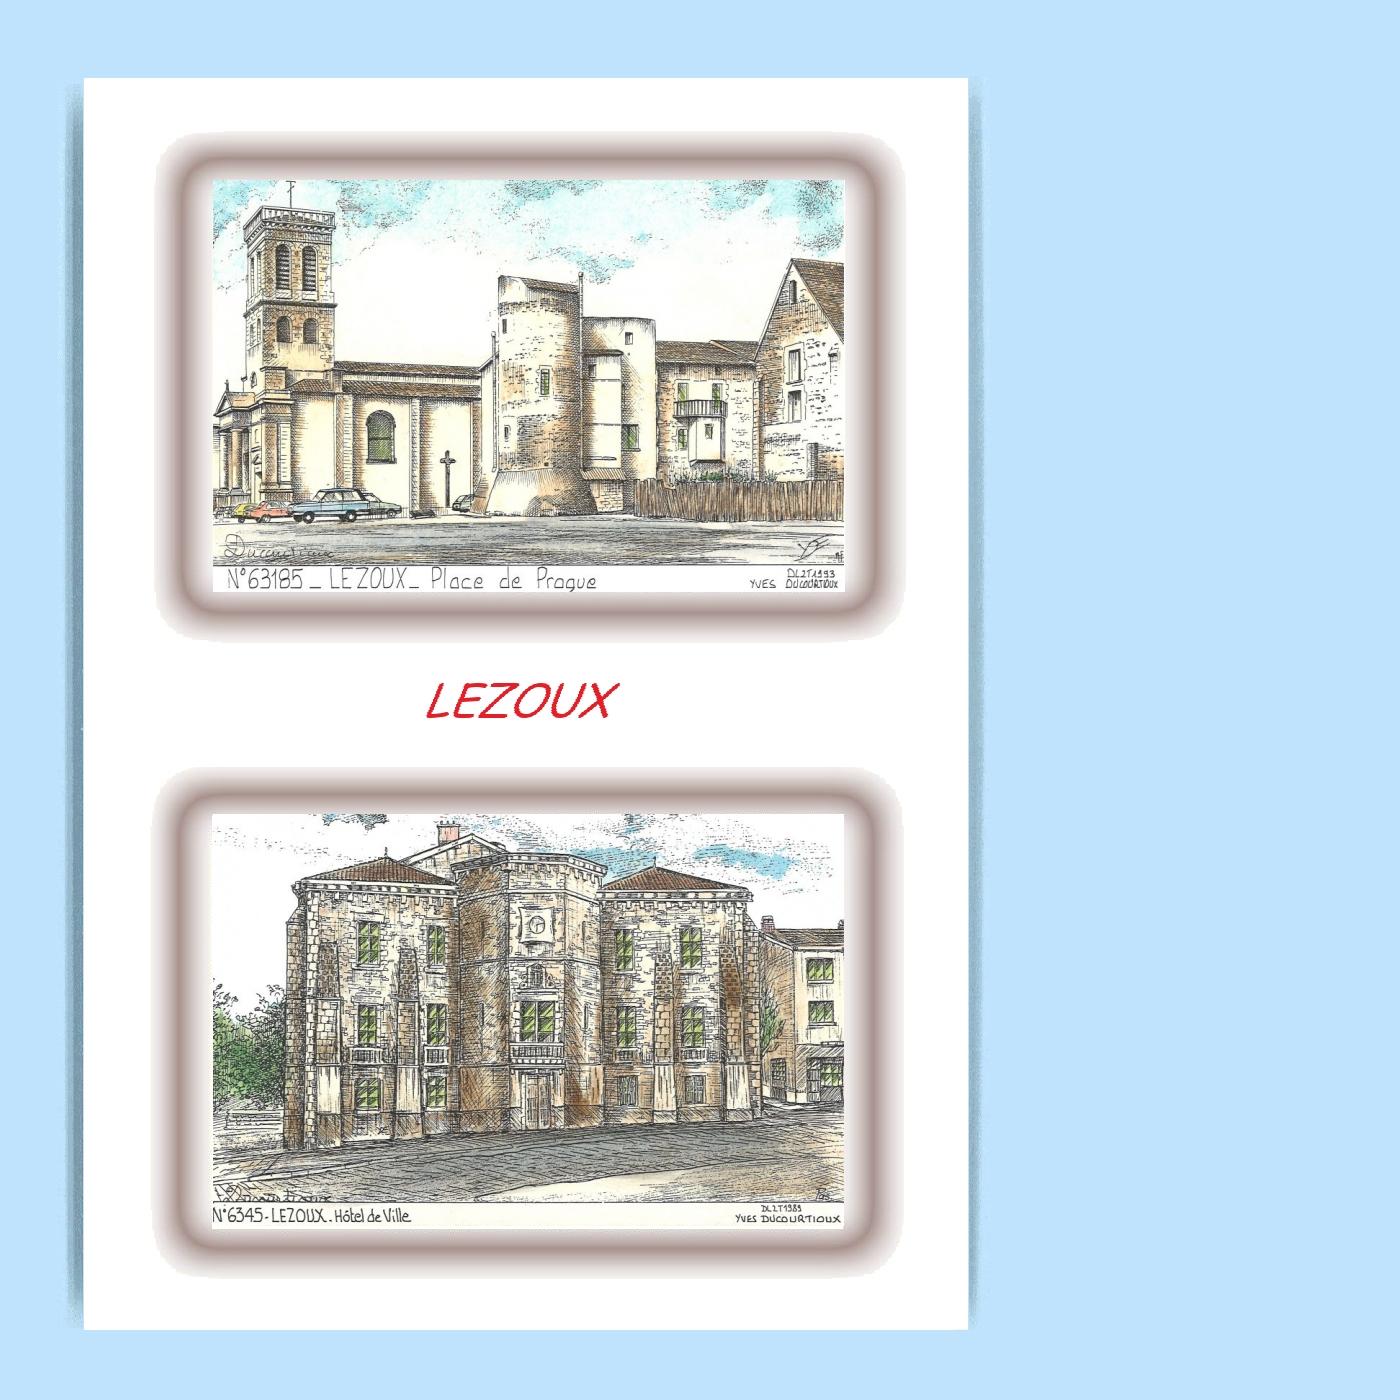 CP-L-63045-185-CARTE-POSTALE-DESSIN-COULEUR-2-VUES-63-LEZOUX